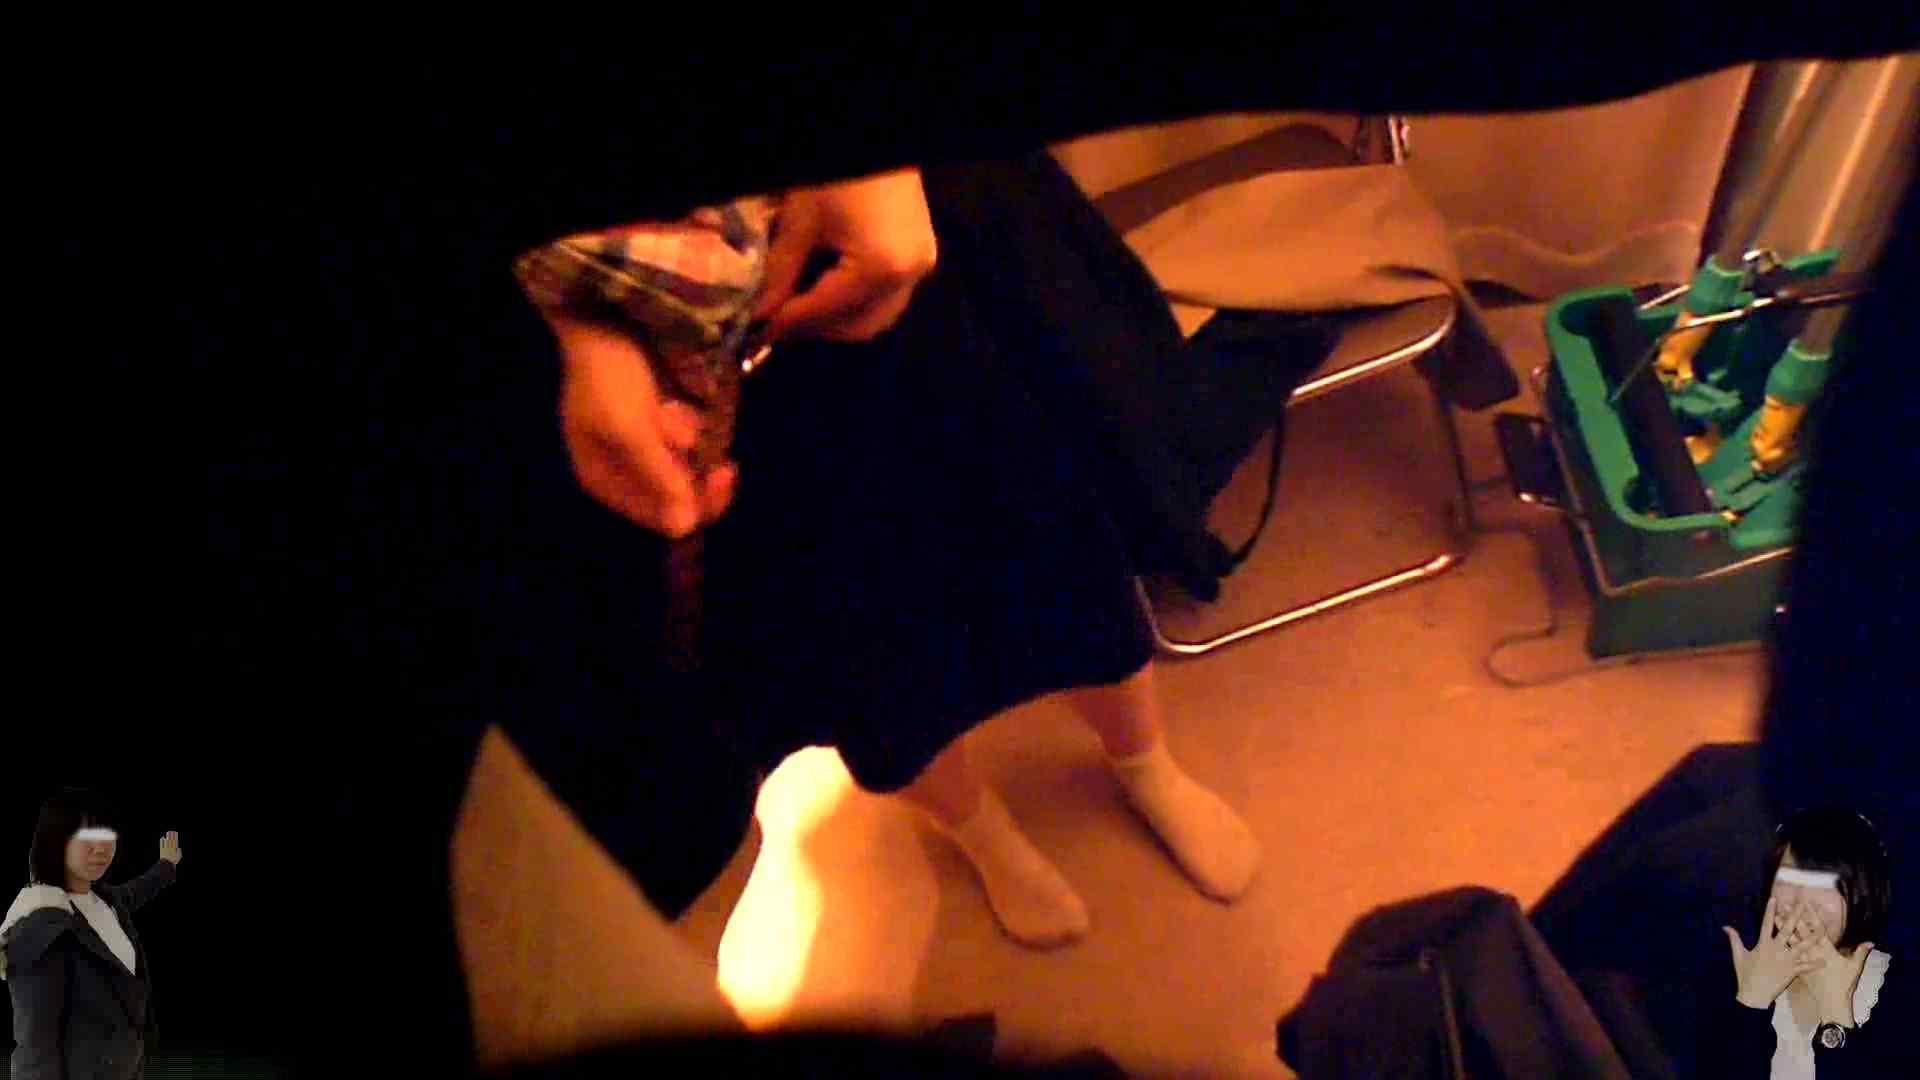 素人投稿 現役「JD」Eちゃんの着替え Vol.04 女子着替え | 投稿  65pic 43